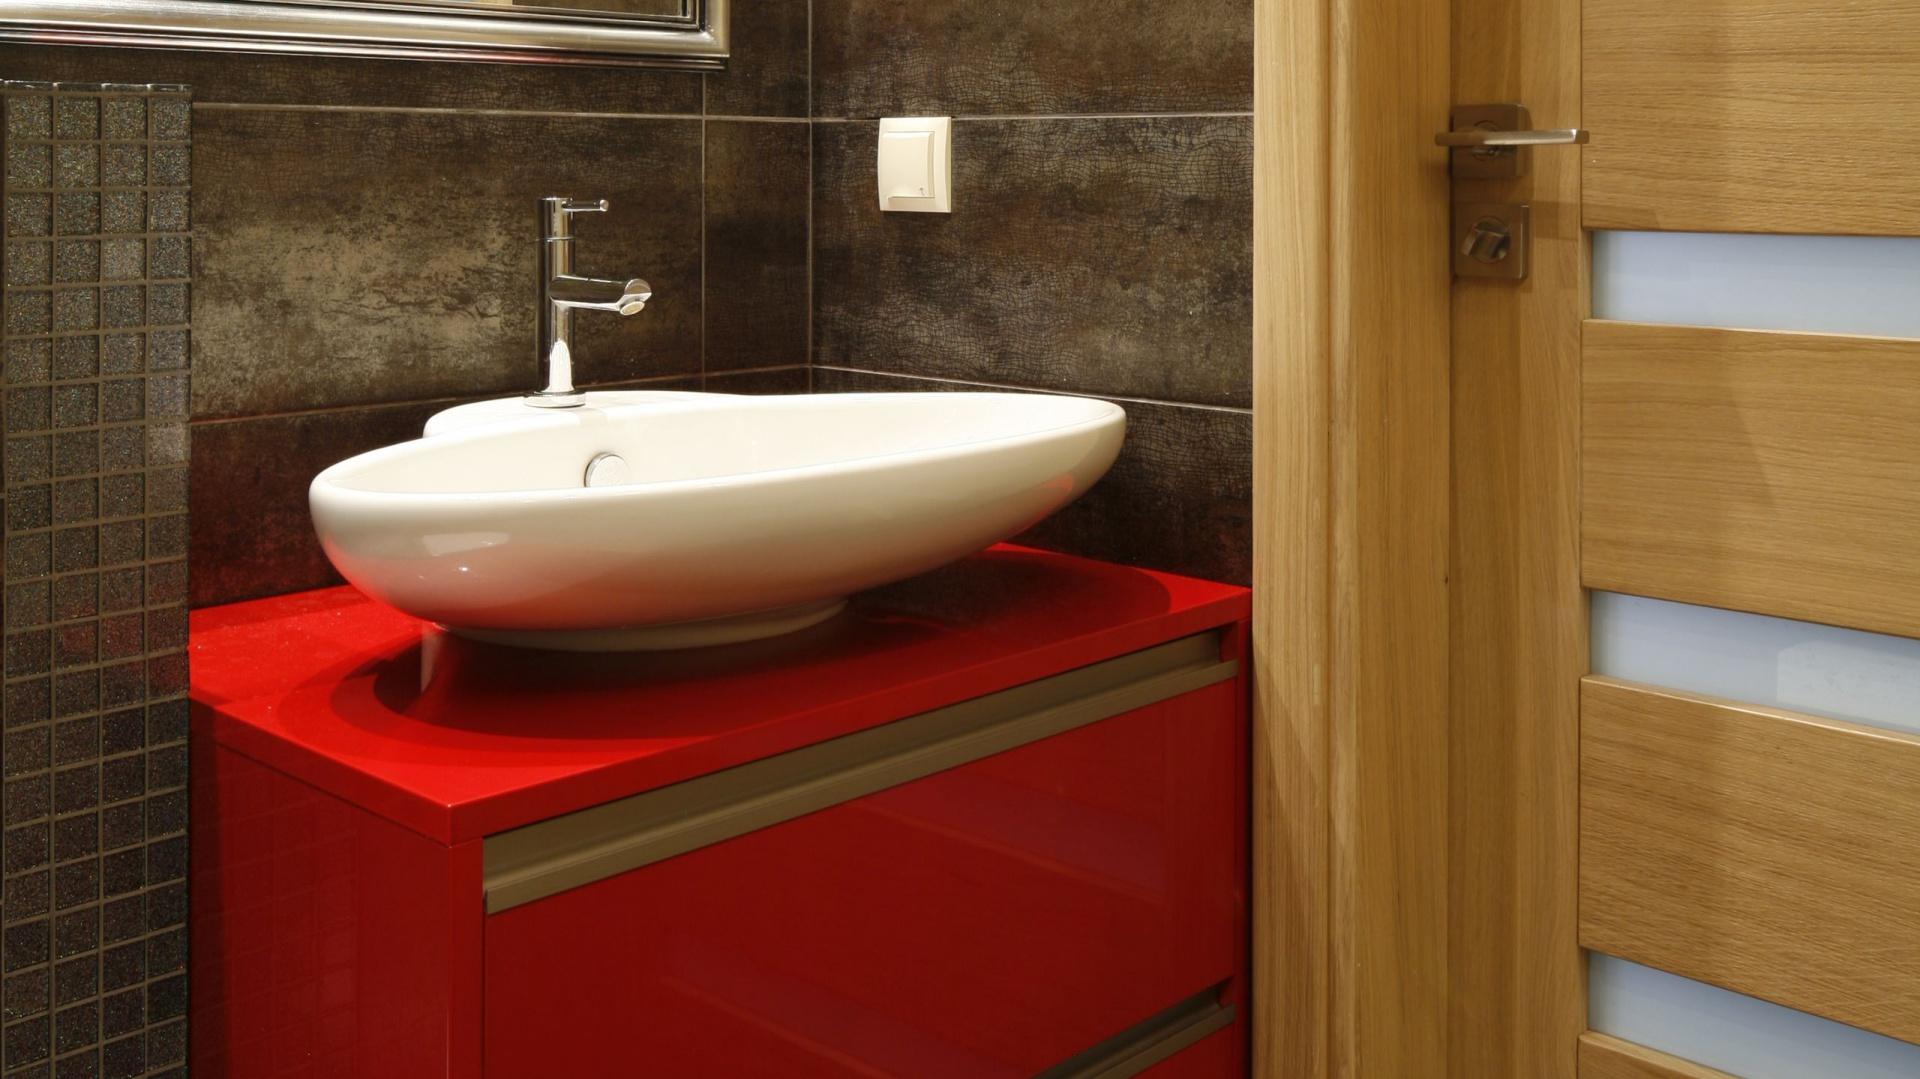 Meble Do łazienki 13 Najlepszych Przykładów